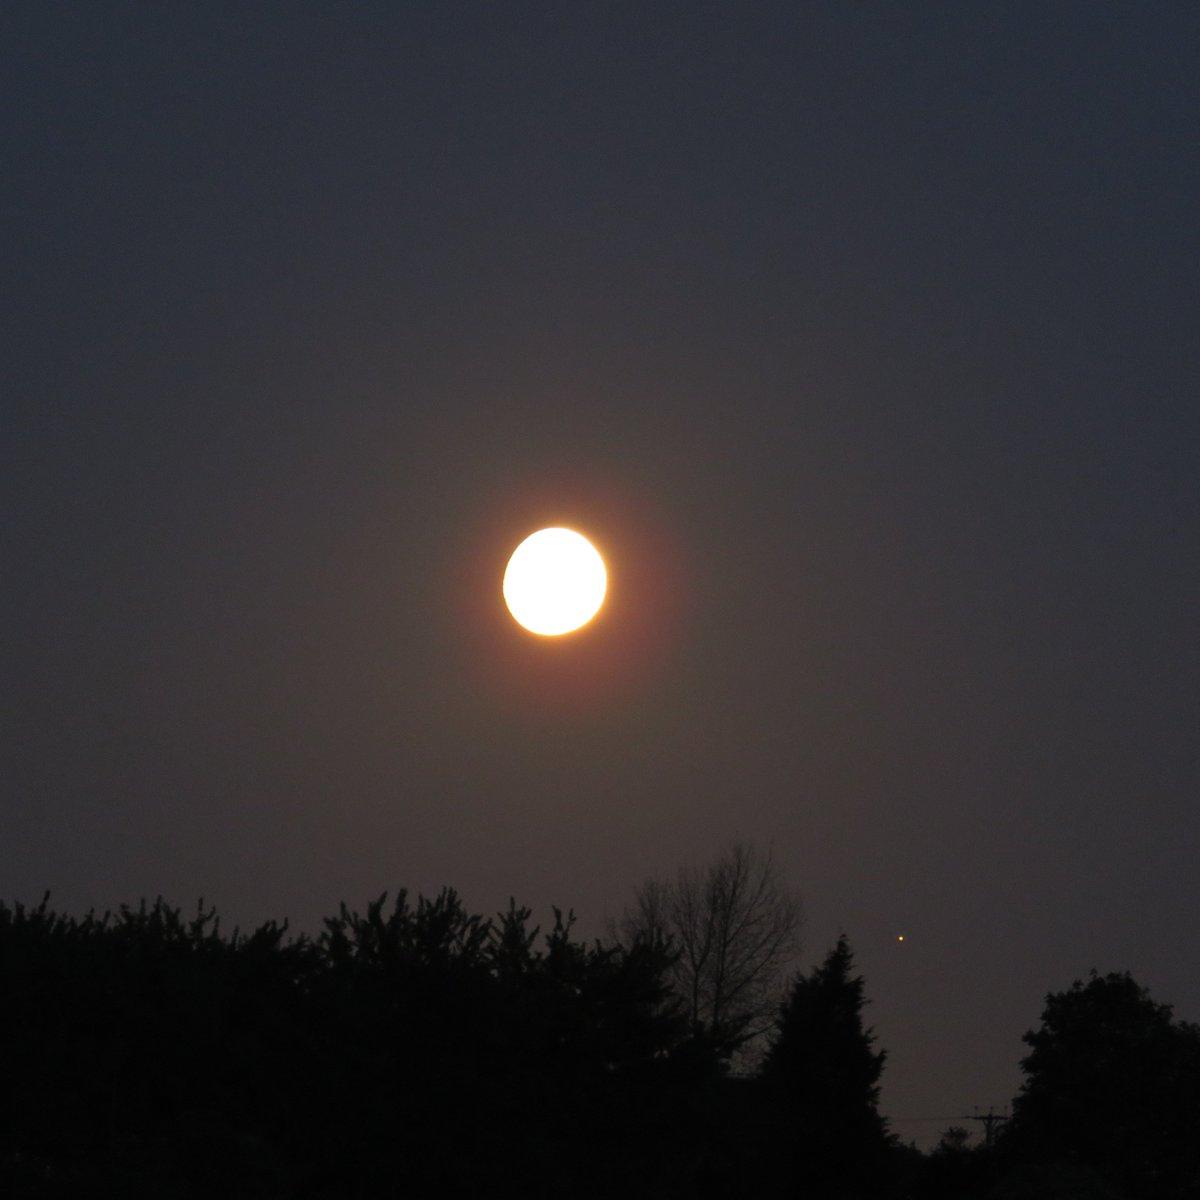 Eventos en el cielo: eclipses y  otros fenómenos planetarios  - Página 13 C_Rm-2NXoAAQCG5